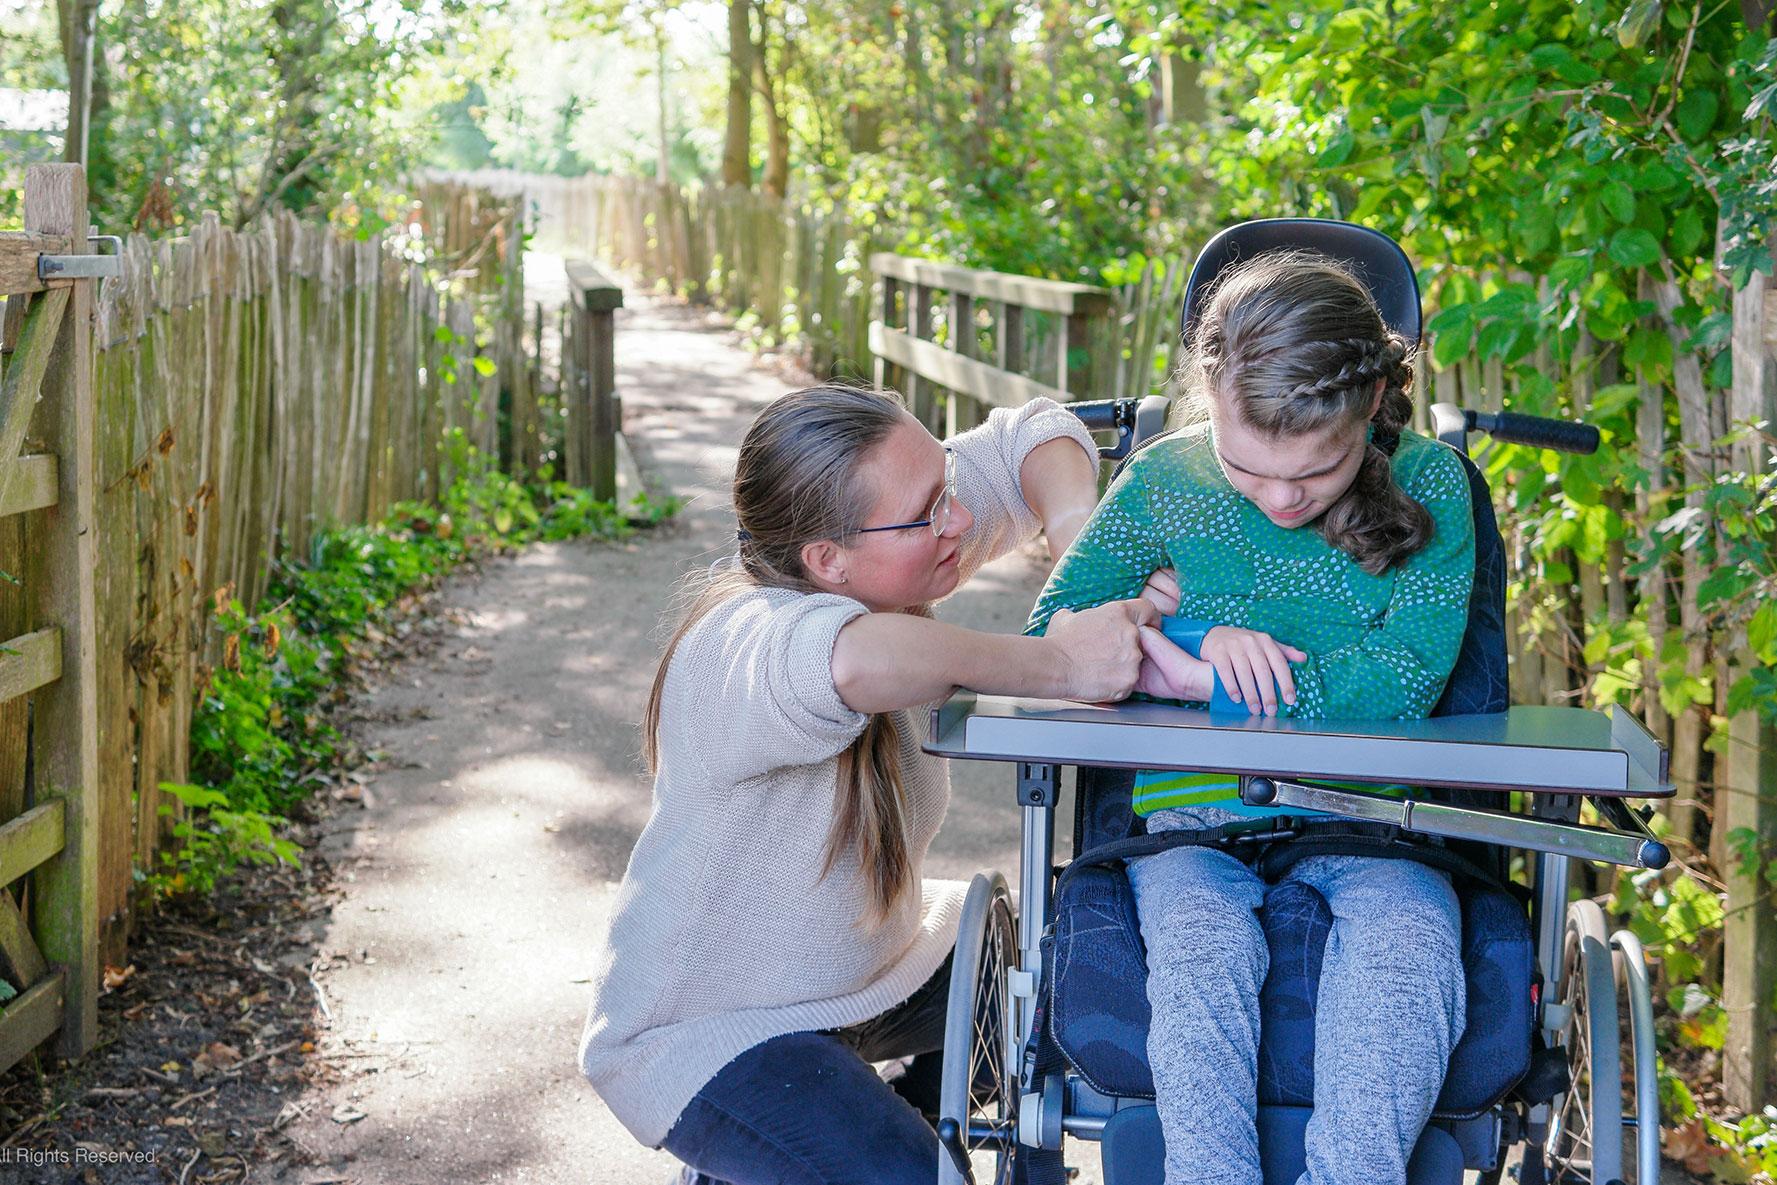 Begleiterin kuemmert sich um Maedchen im Rollstuhl